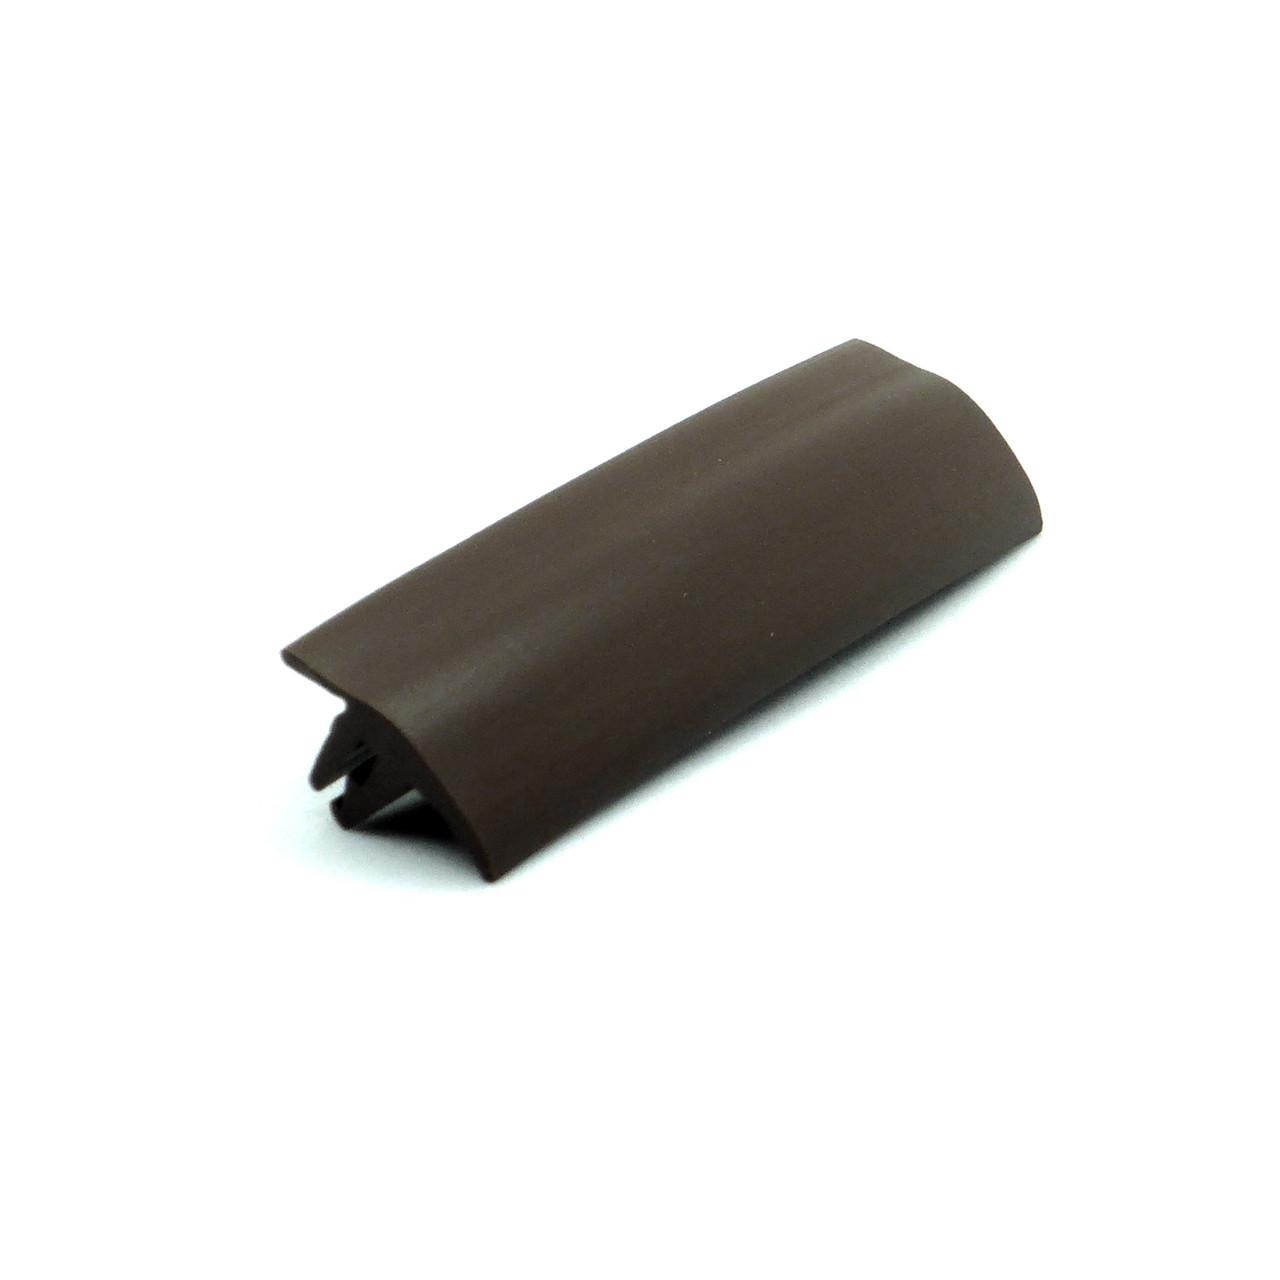 Вставка заглушка декоративная - L571. Широкая - 14 мм